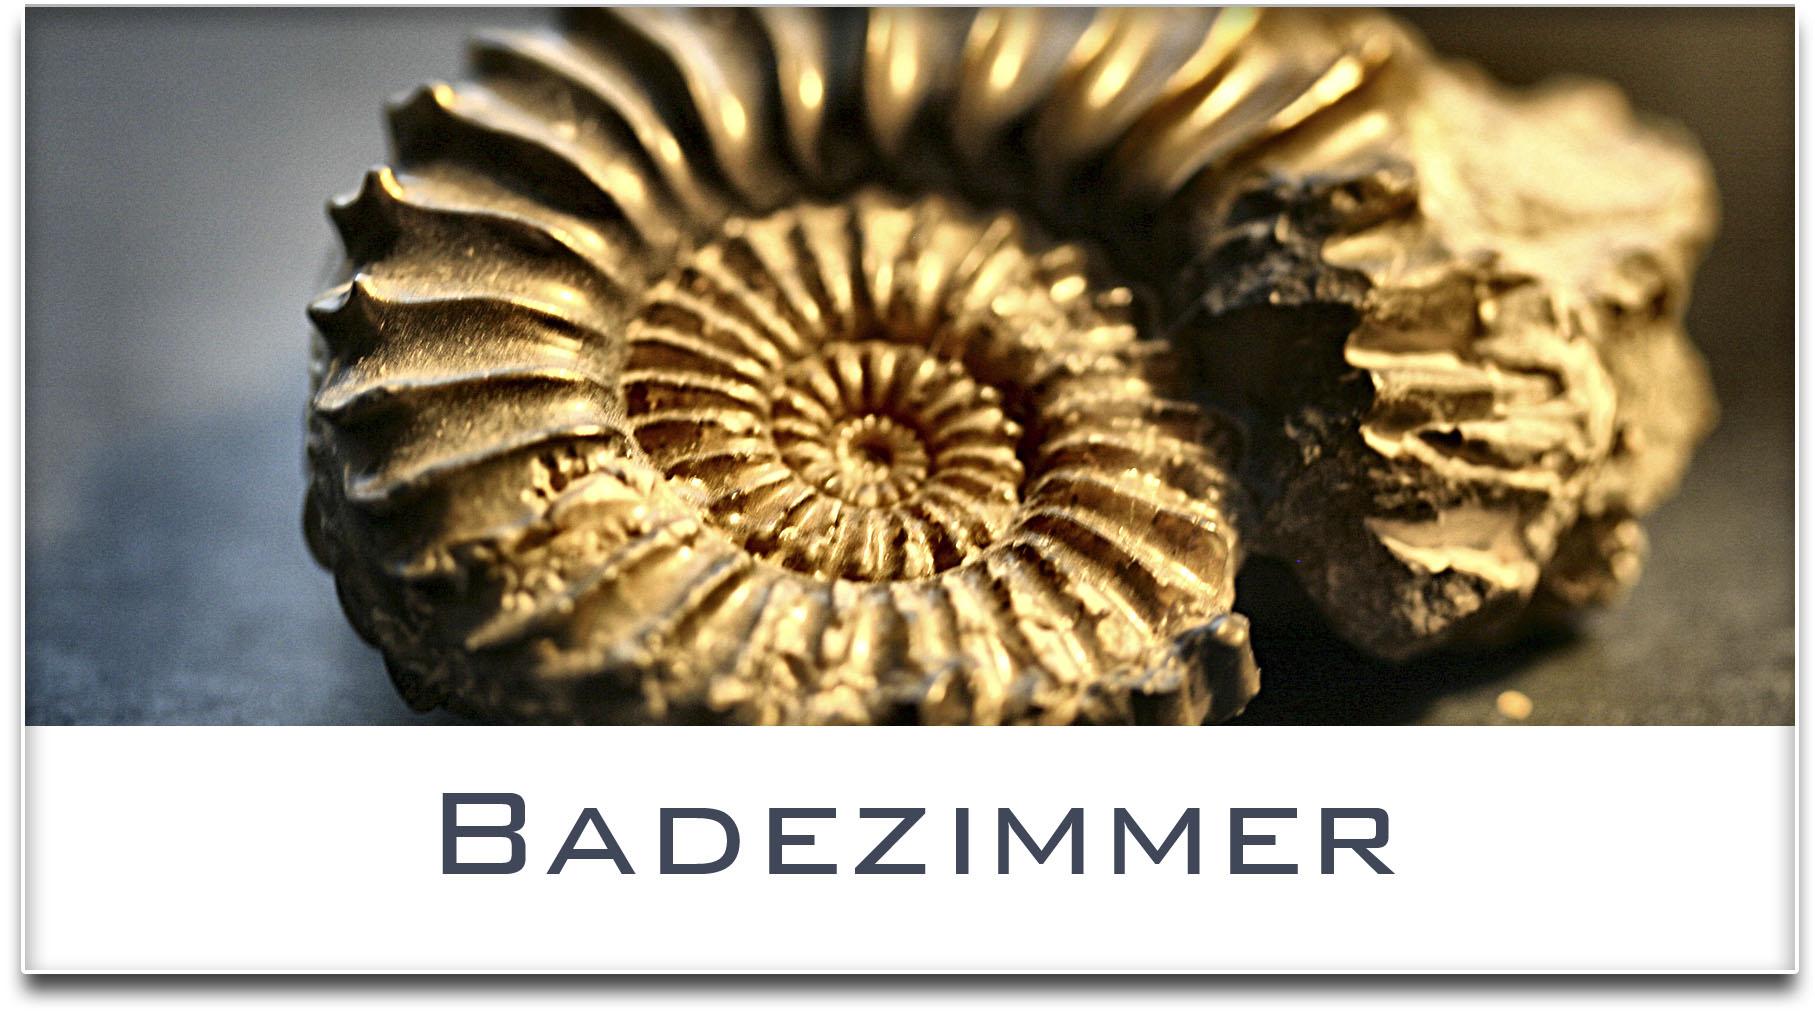 Türschild / Haustürschild / Versteinerte Muschel / Badezimmer / Selbstklebend